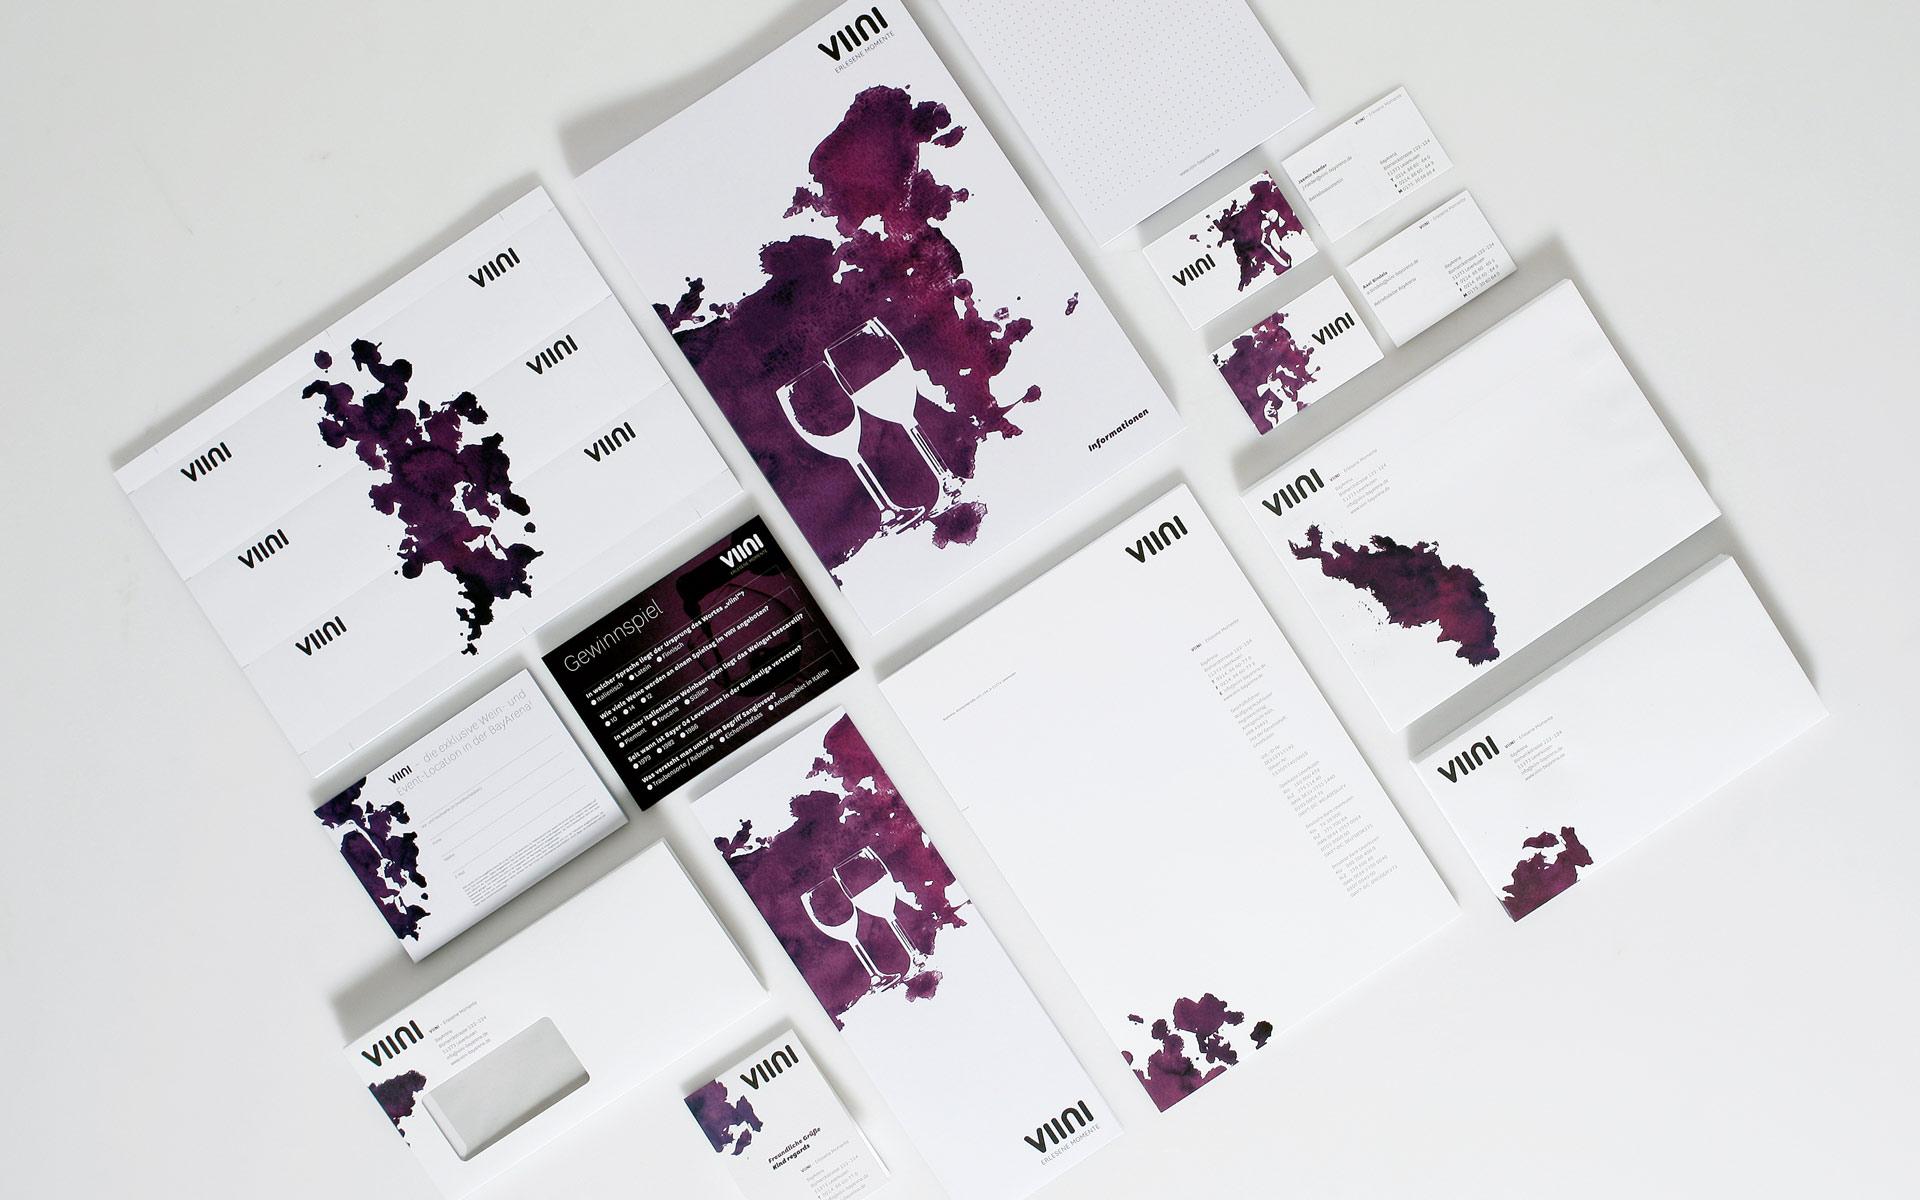 VIINI Brand Identity, Corporate Design, Geschäftsausstattung mit Briefbogen und Visitenkarten